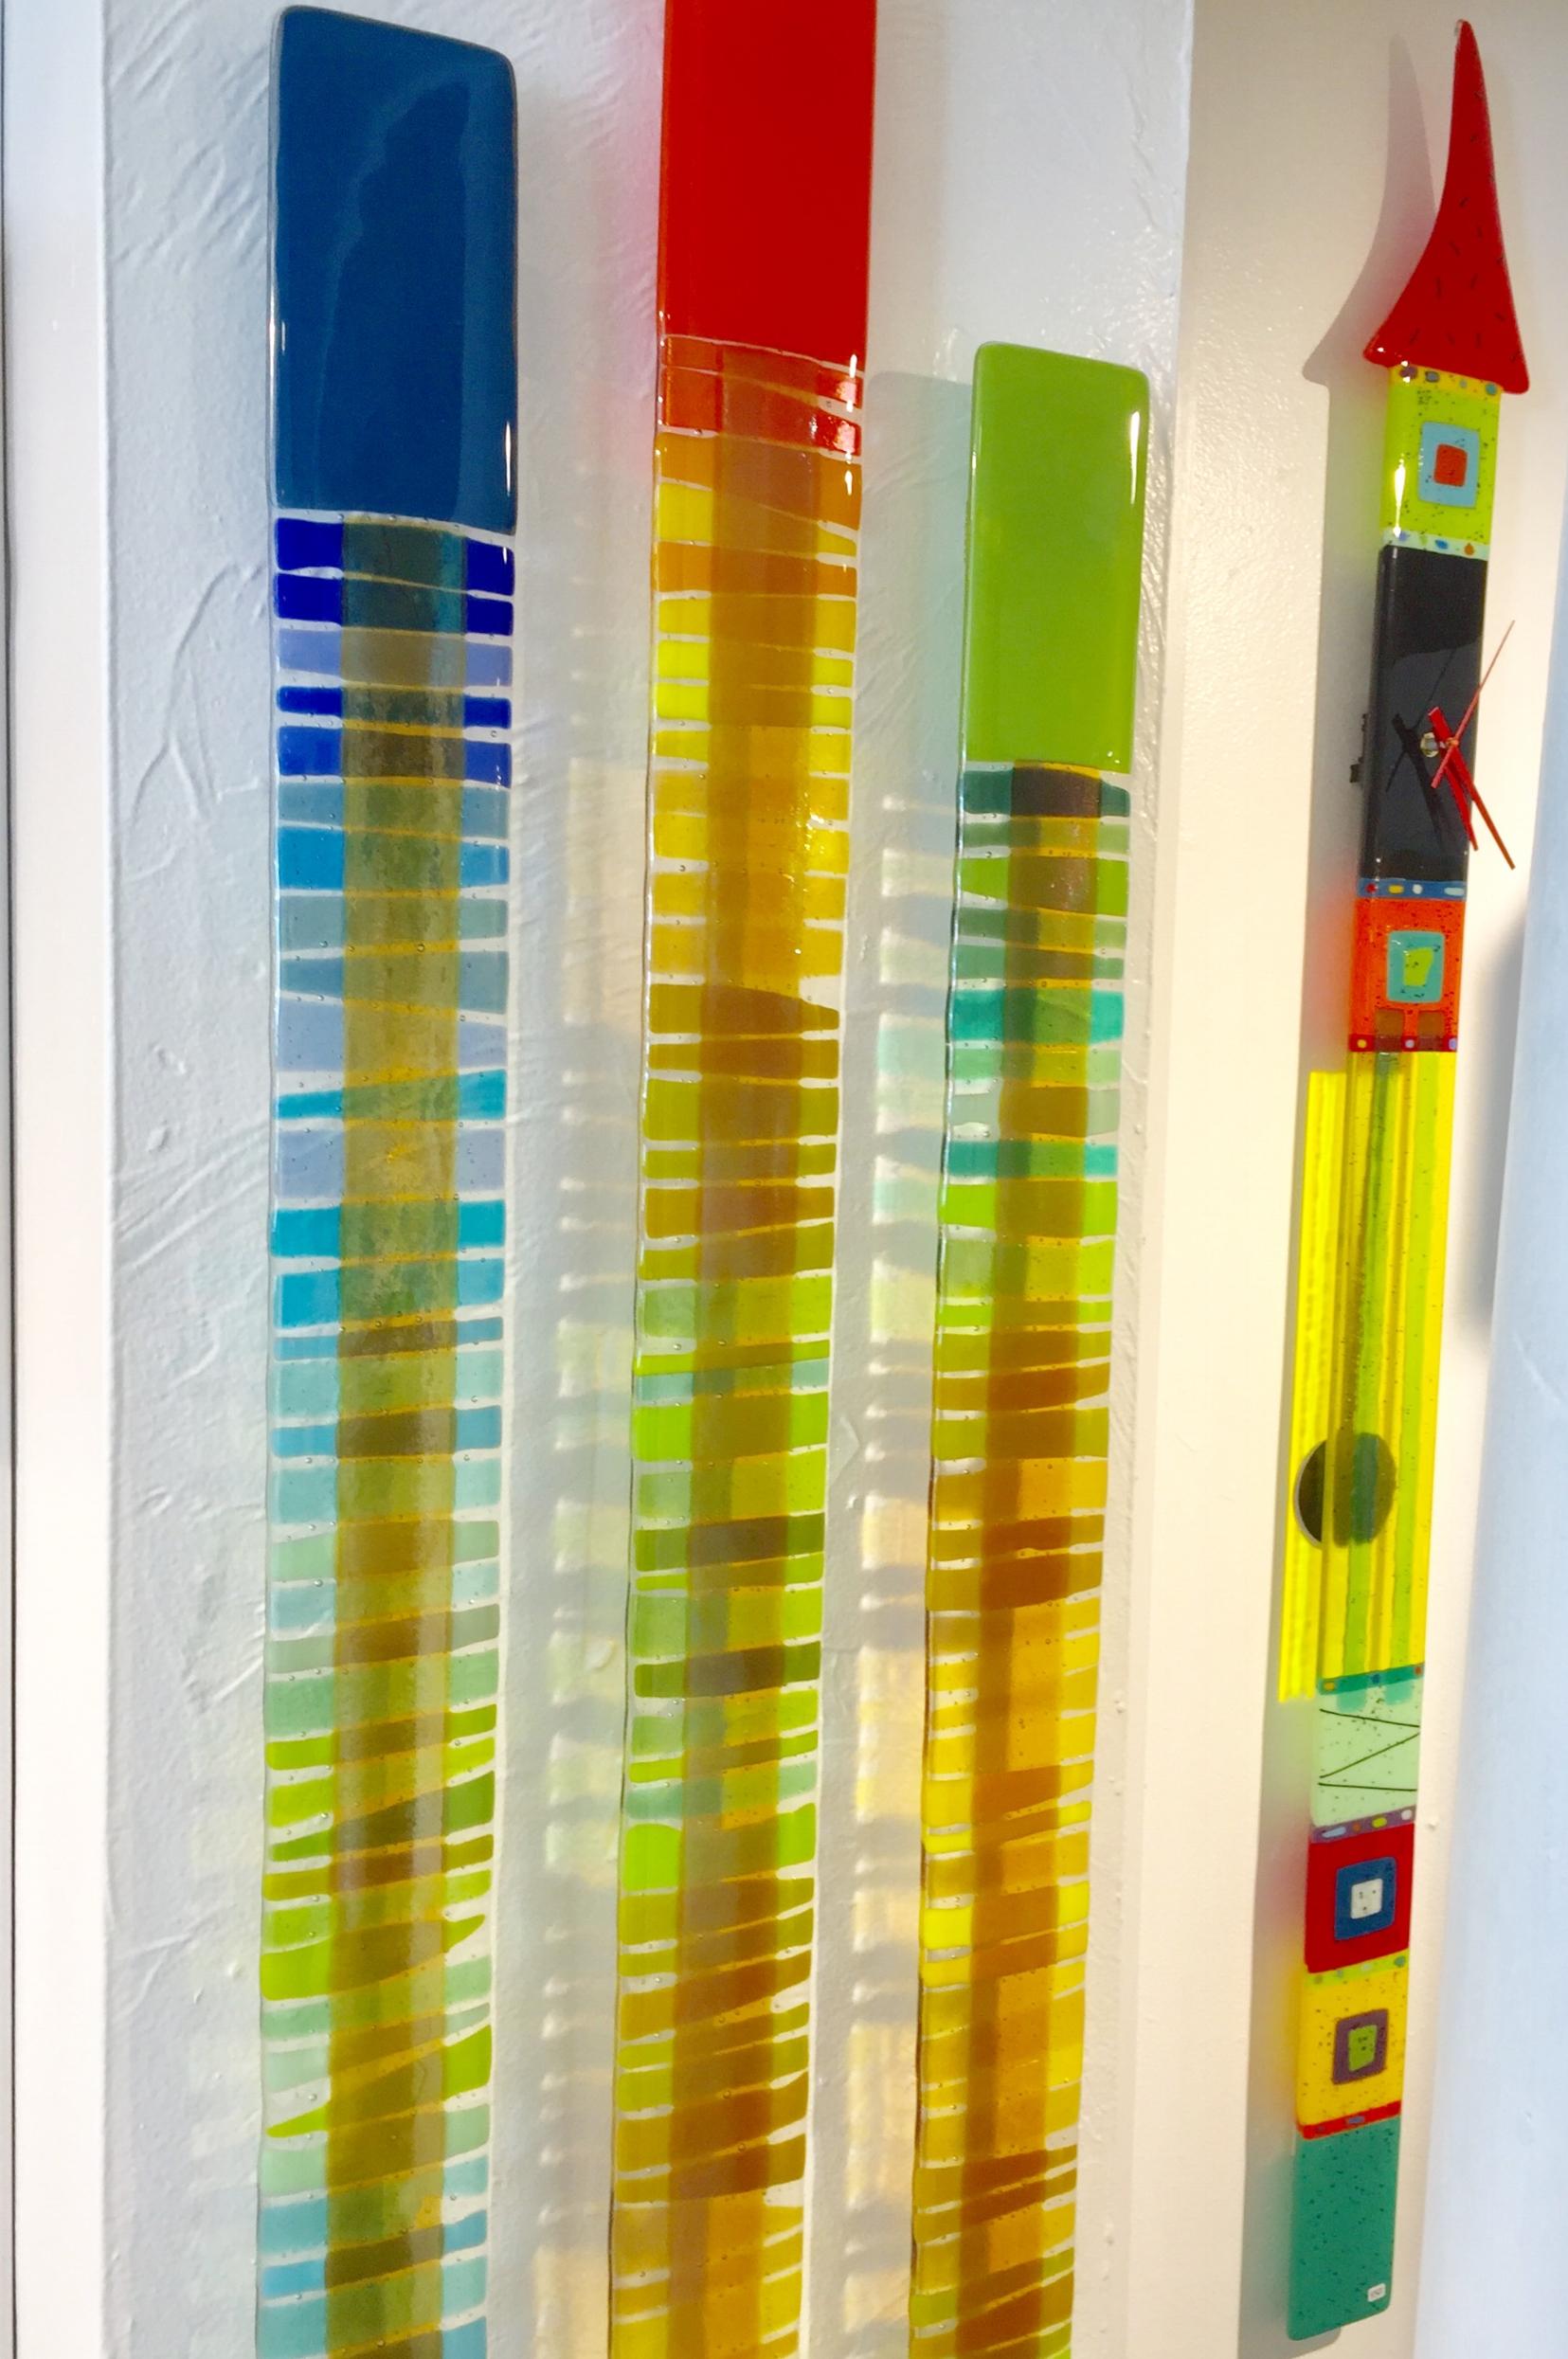 Nina Cambron Glass at Rachel K DeLong Gallery